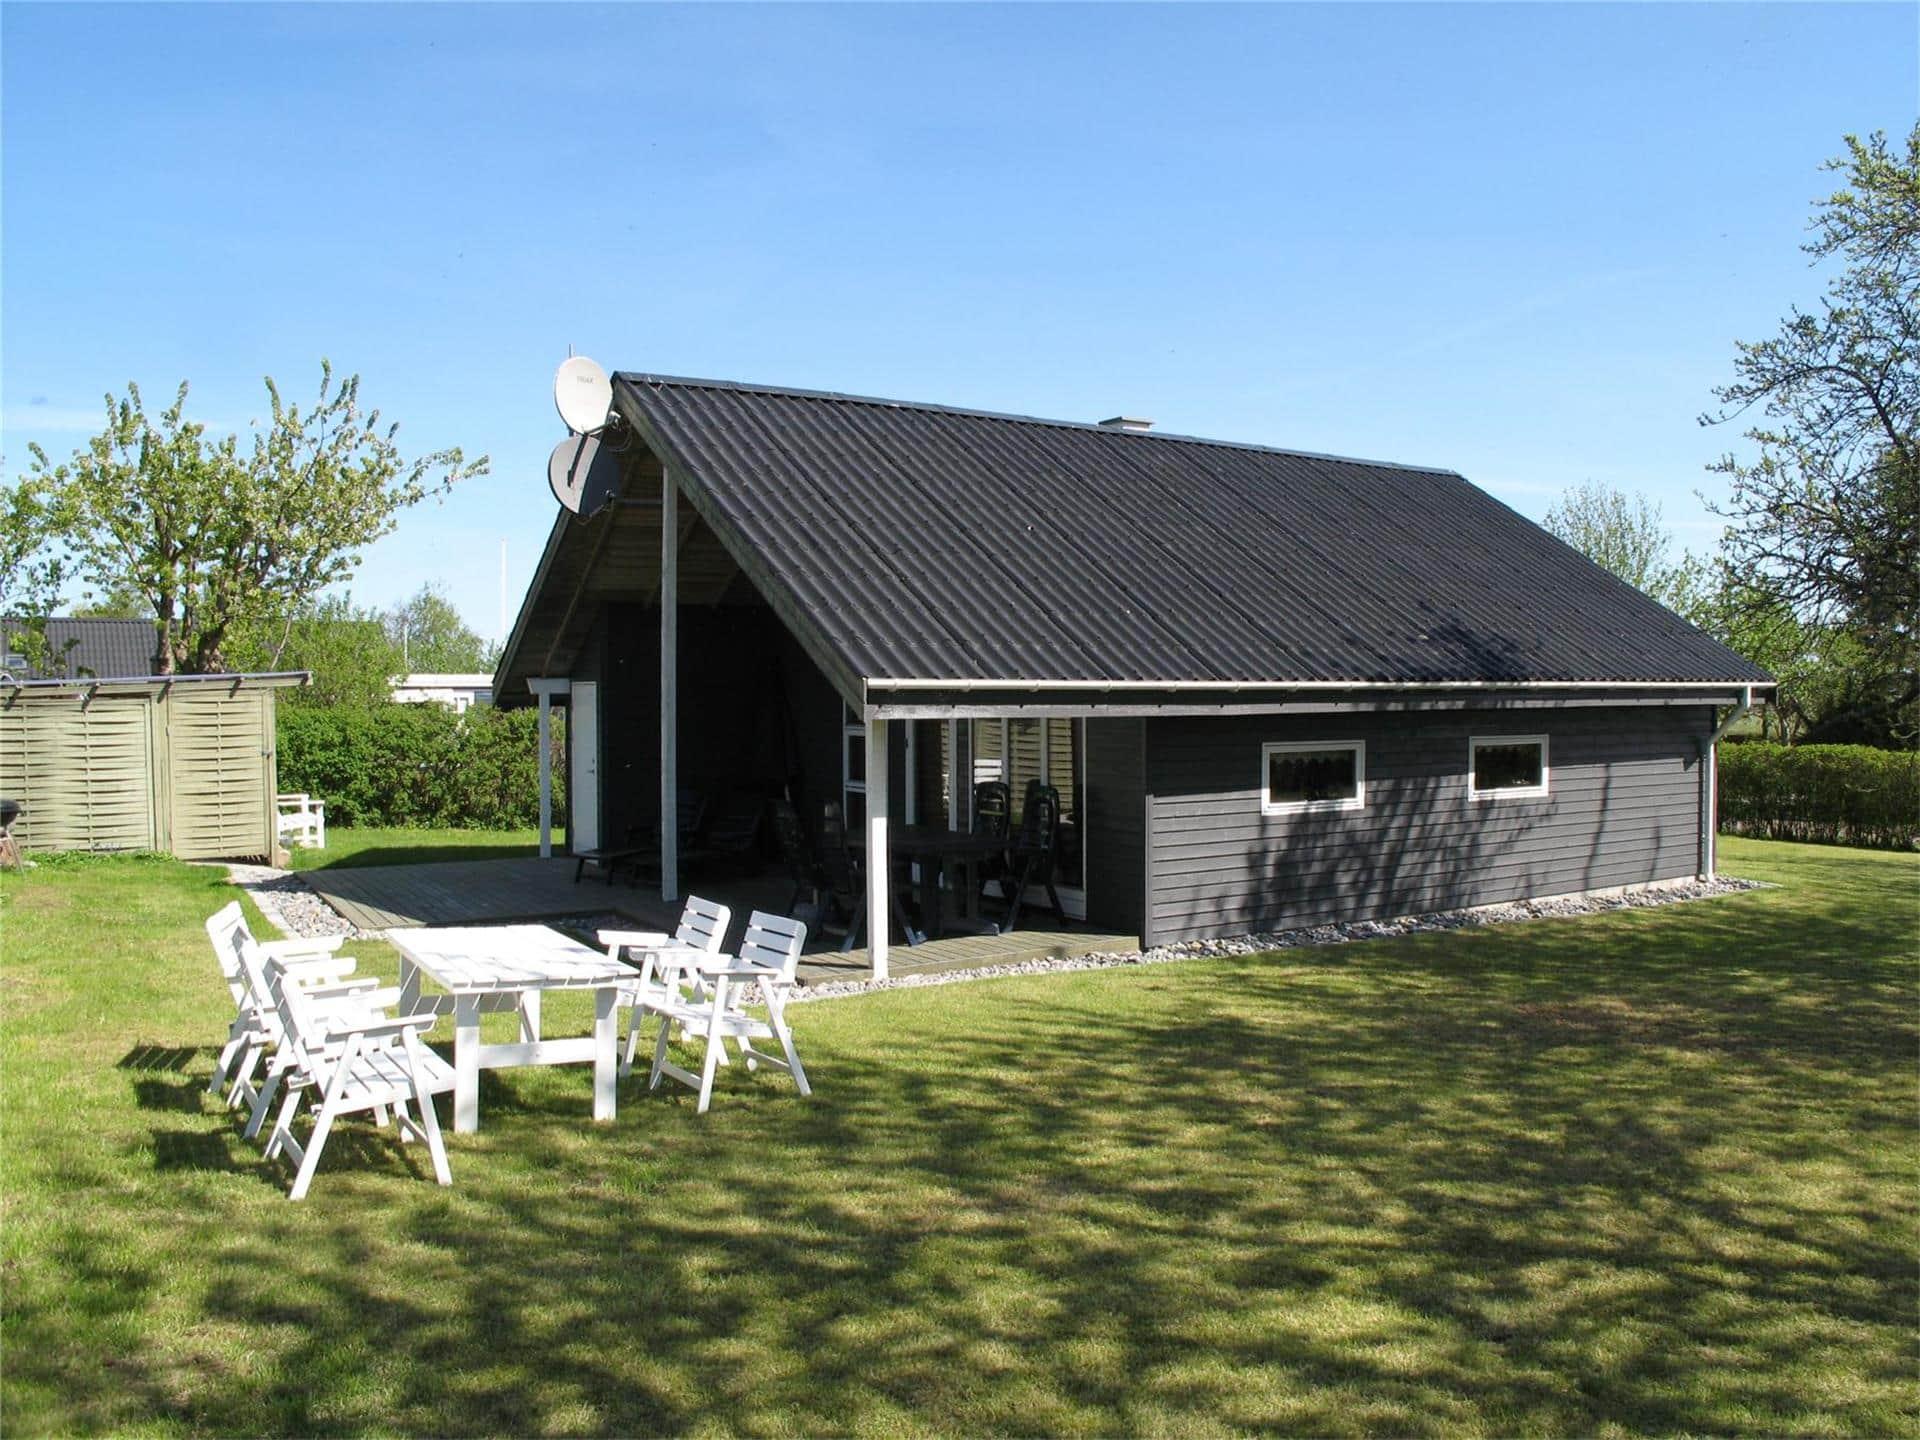 Billede 1-6 Sommerhus N068, Klintegårdsvej 7, DK - 4736 Karrebæksminde